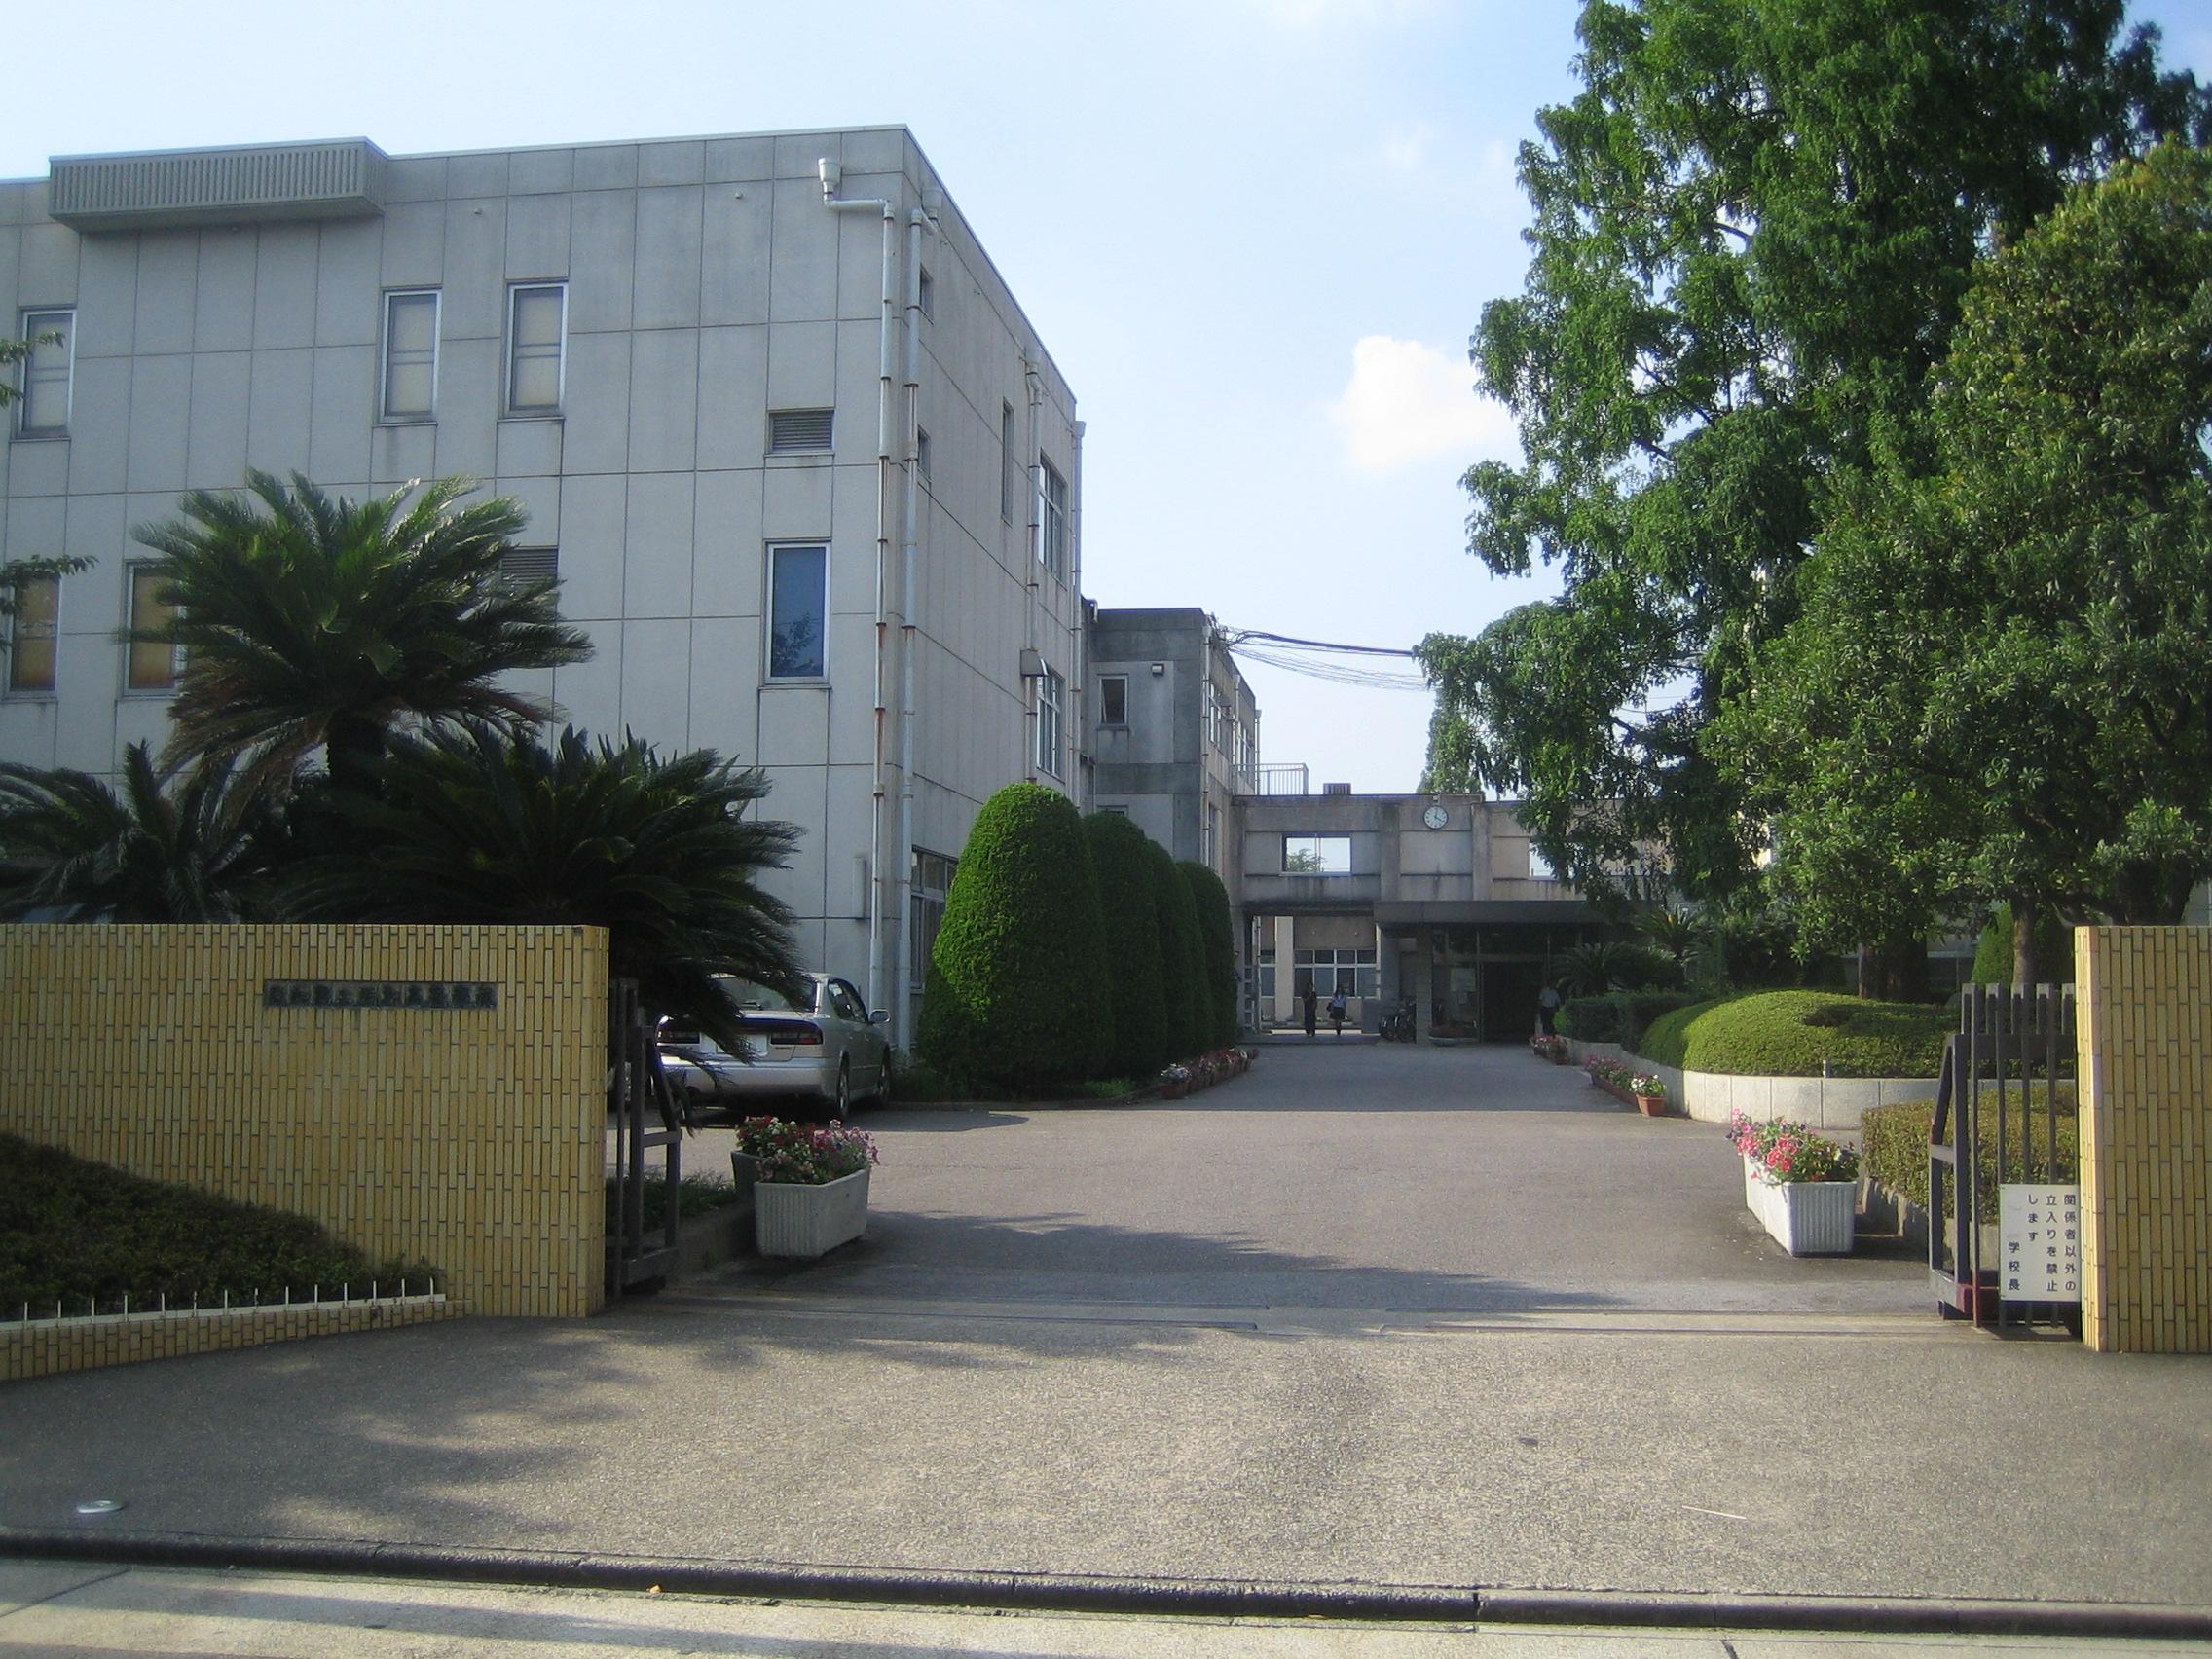 愛知県立明和高等学校 - Wikipedia